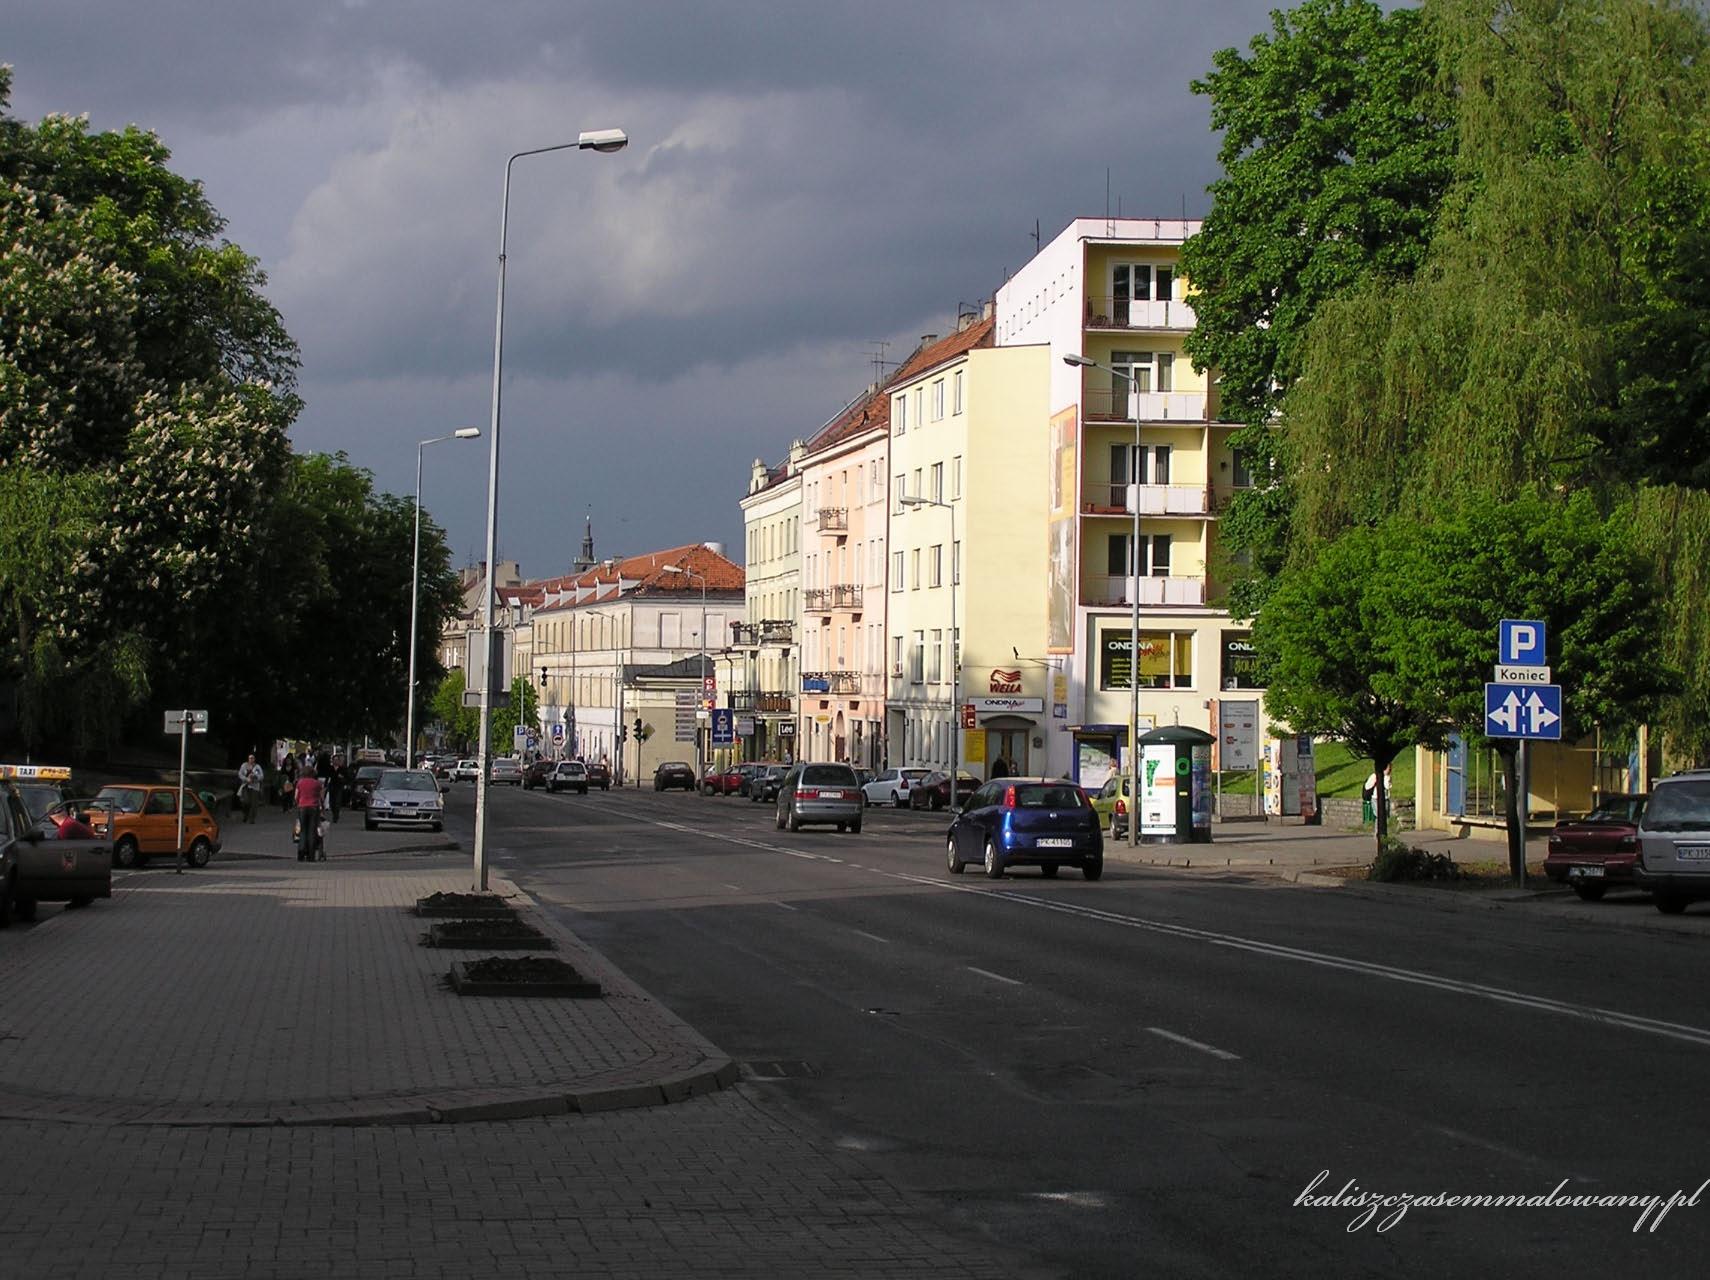 Gornoslaska-28